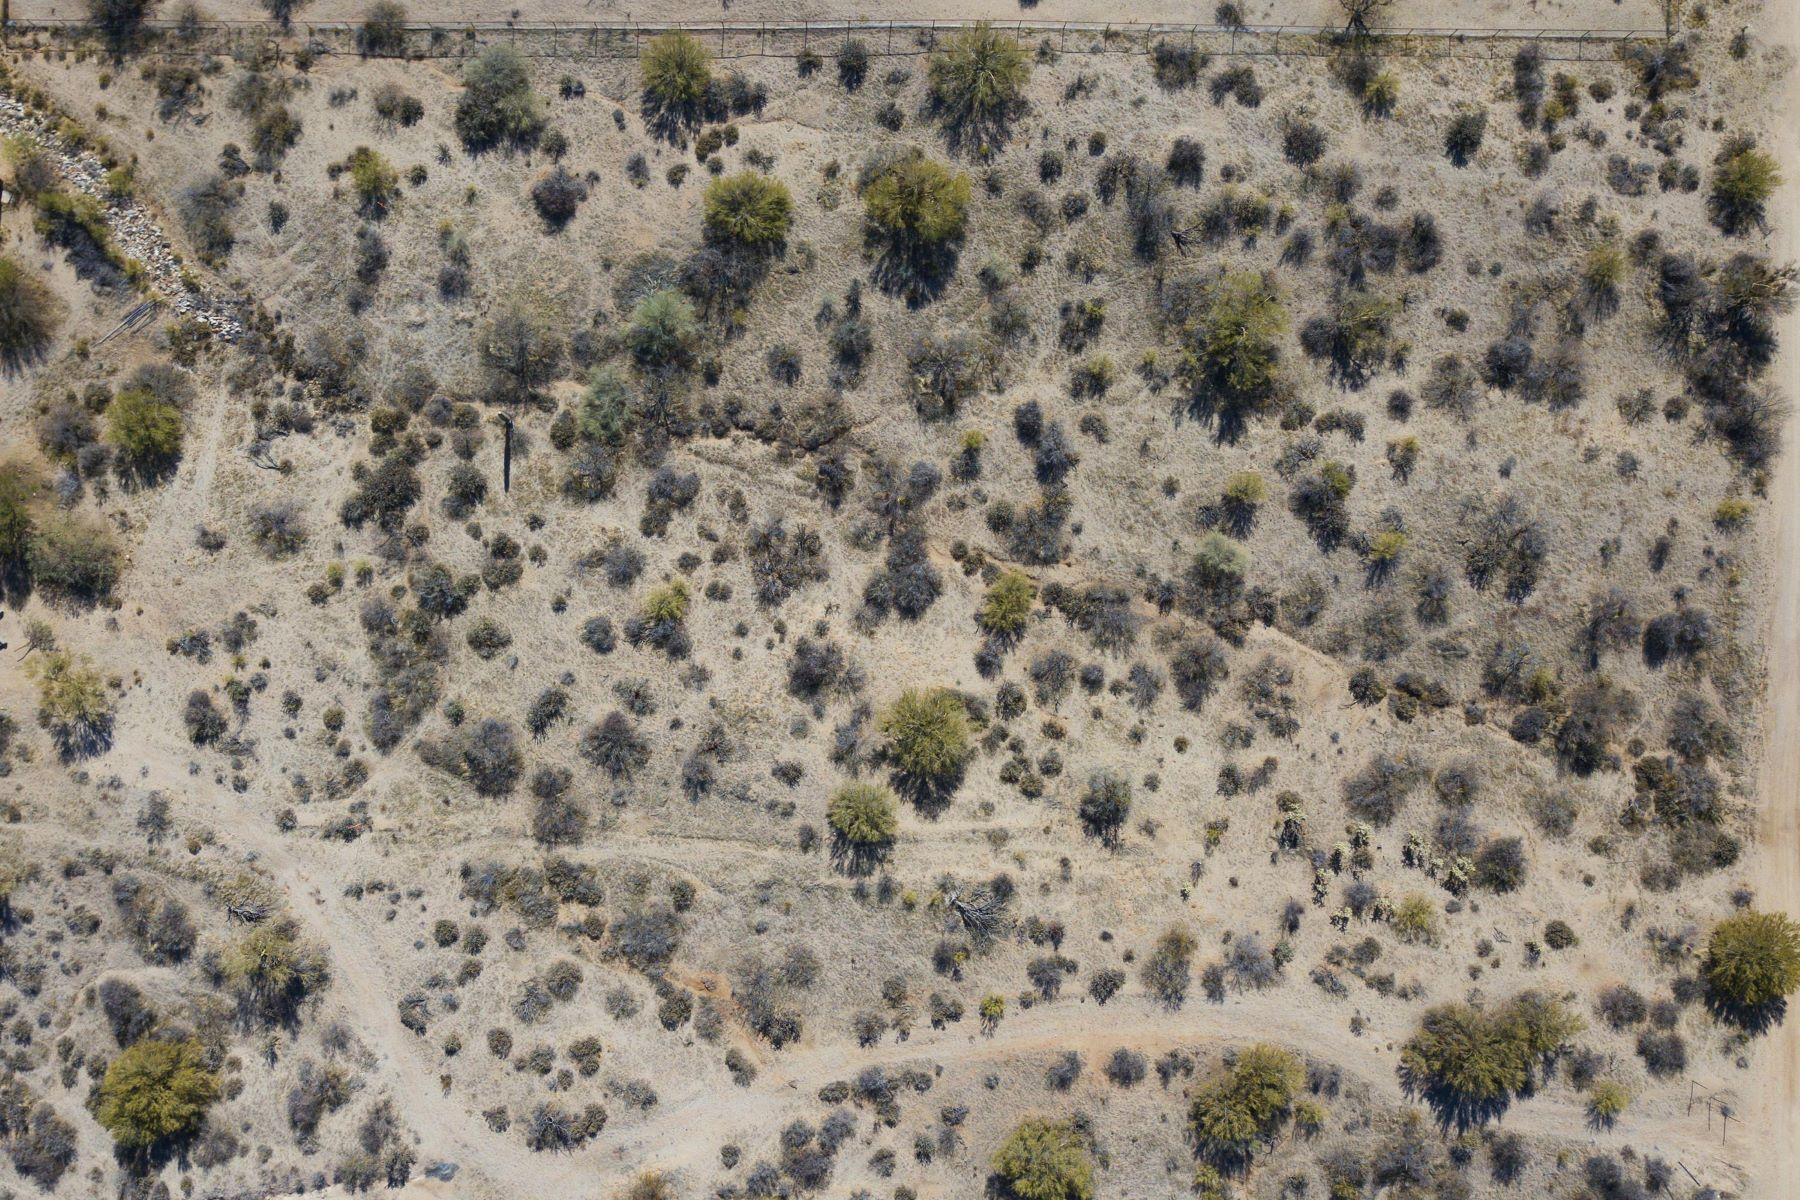 Terreno por un Venta en Great 1.66 Acre Lot with Mountain Views 32800 N 138th ST 4, Scottsdale, Arizona, 85262 Estados Unidos